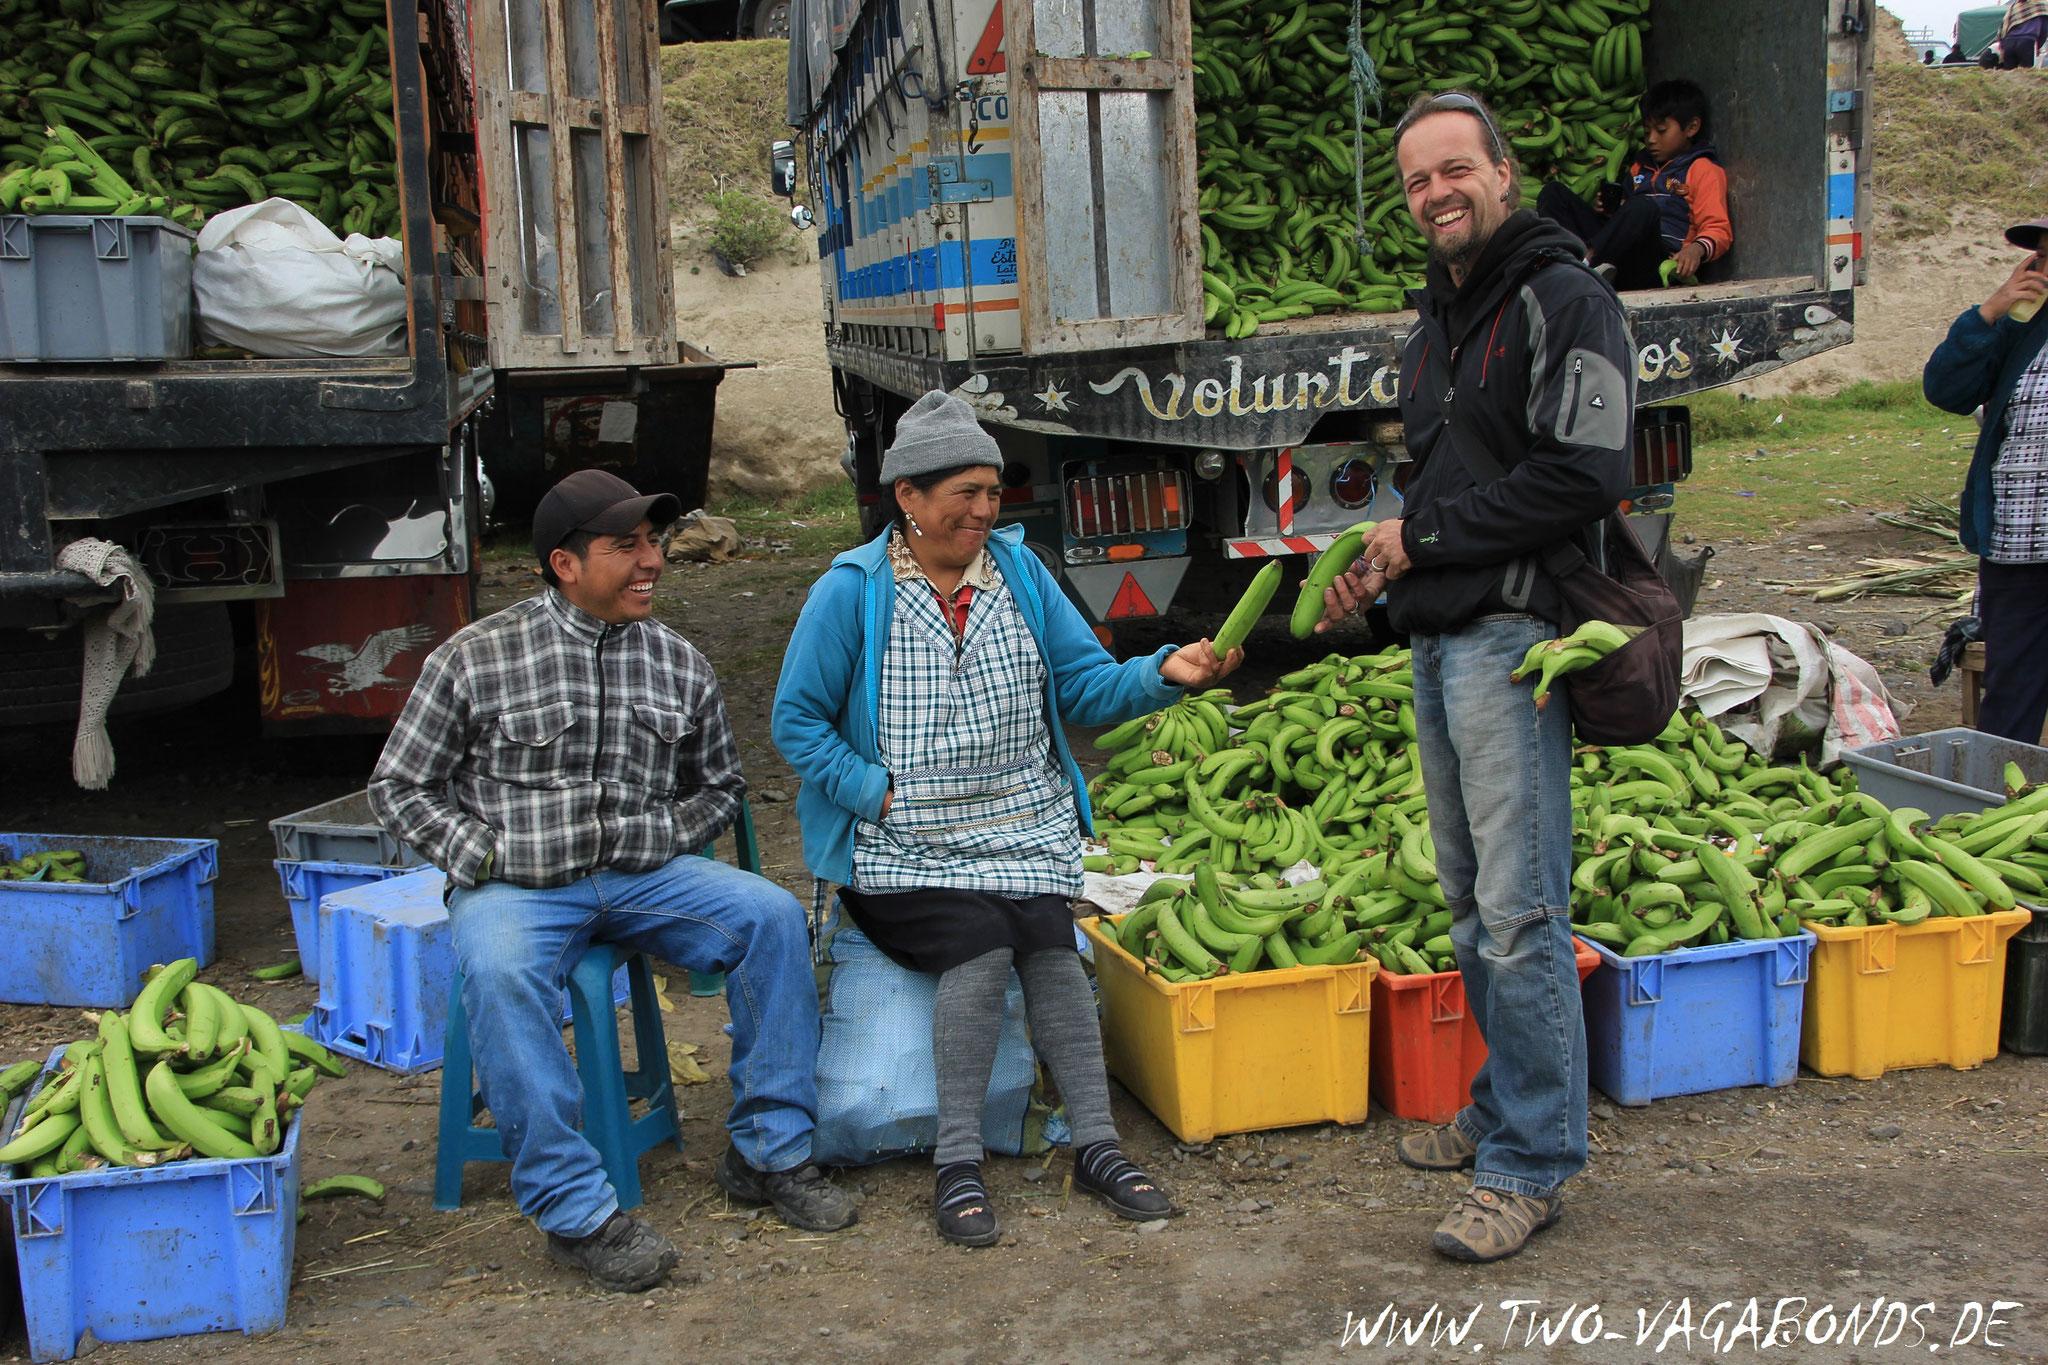 ECUADOR 2014 - VIEHMARKT IN LACATUNGA